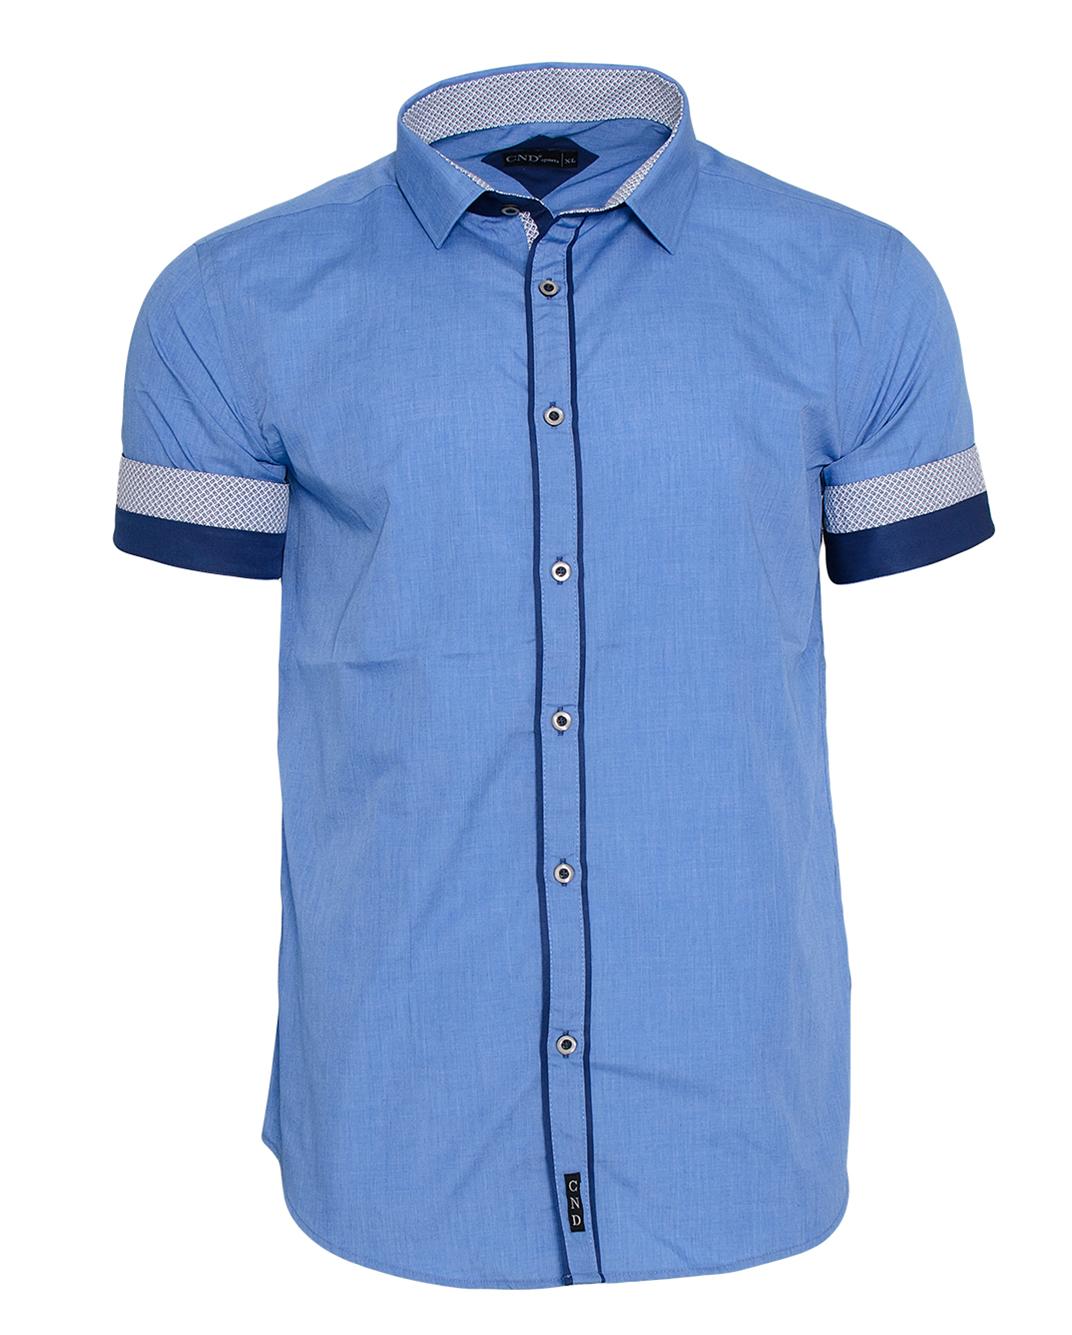 Κοντομάνικο Πουκάμισο CND Blue αρχική ανδρικά ρούχα επιλογή ανά προϊόν πουκάμισα